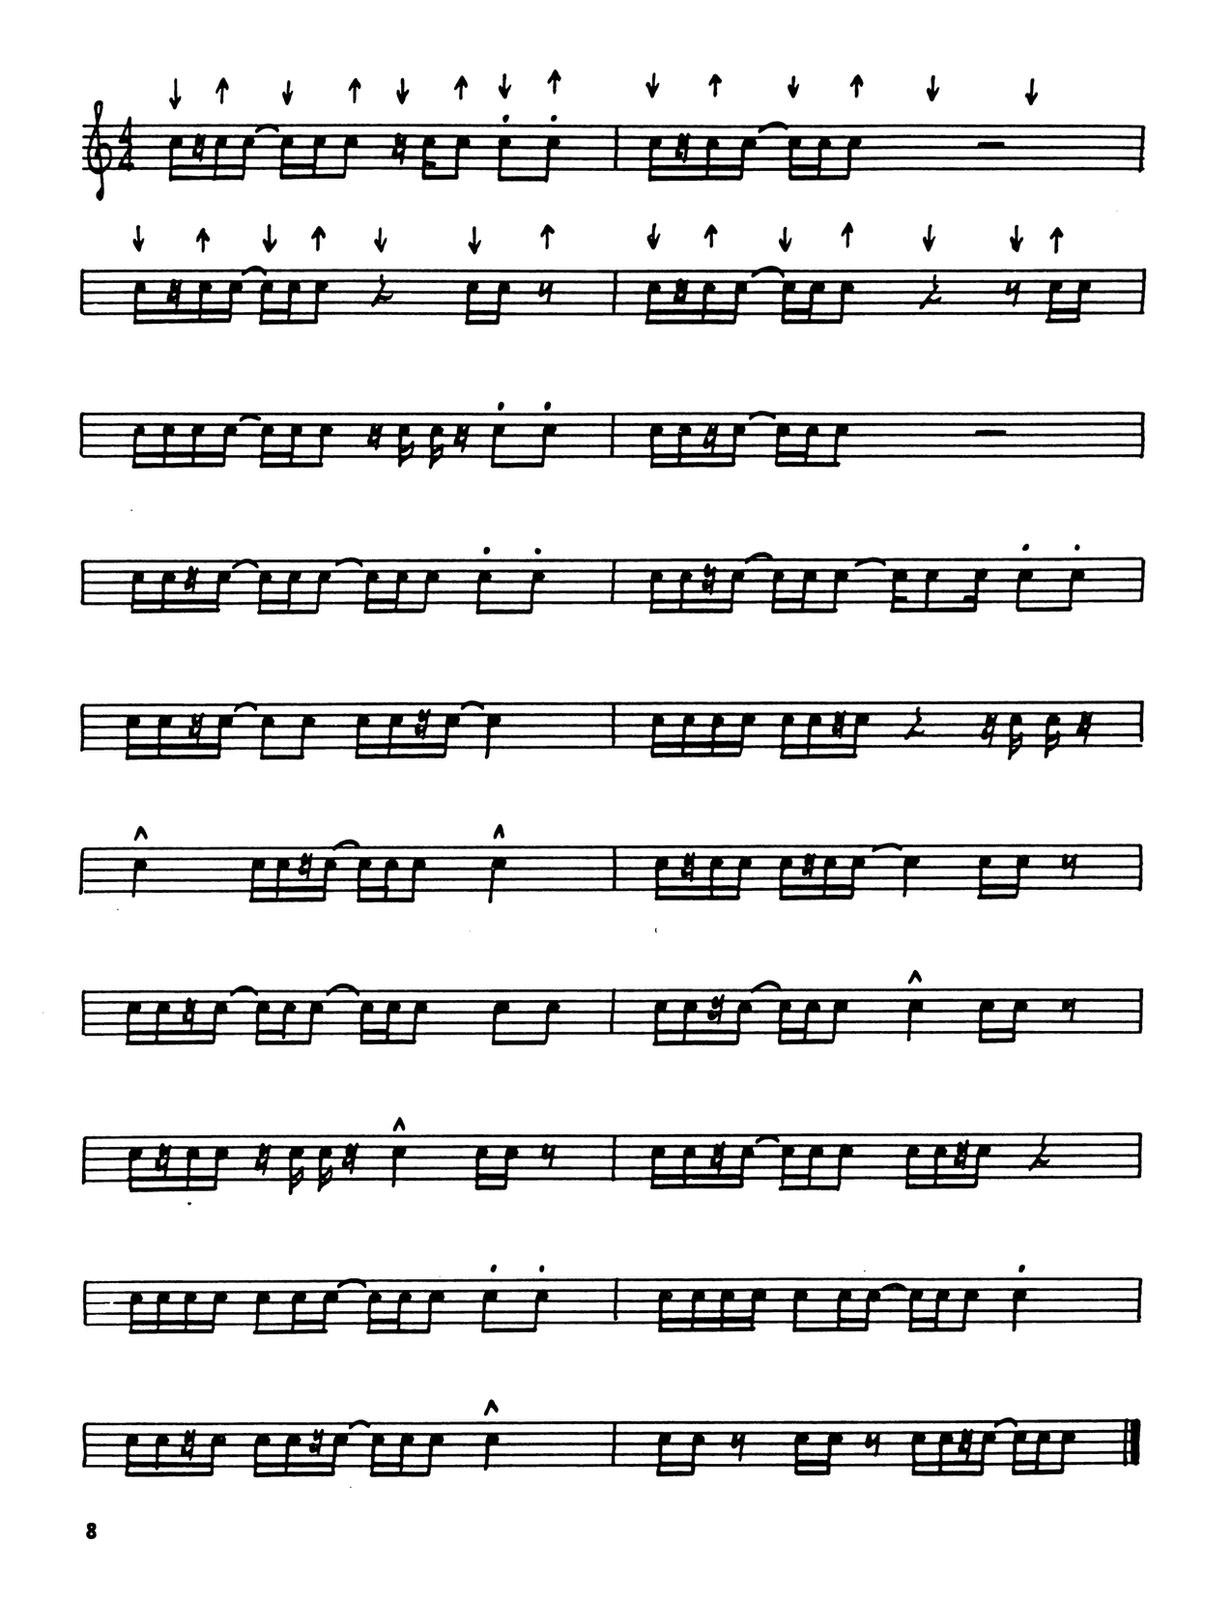 Chesky Contemporary Jazz-Rock Rhythms 3